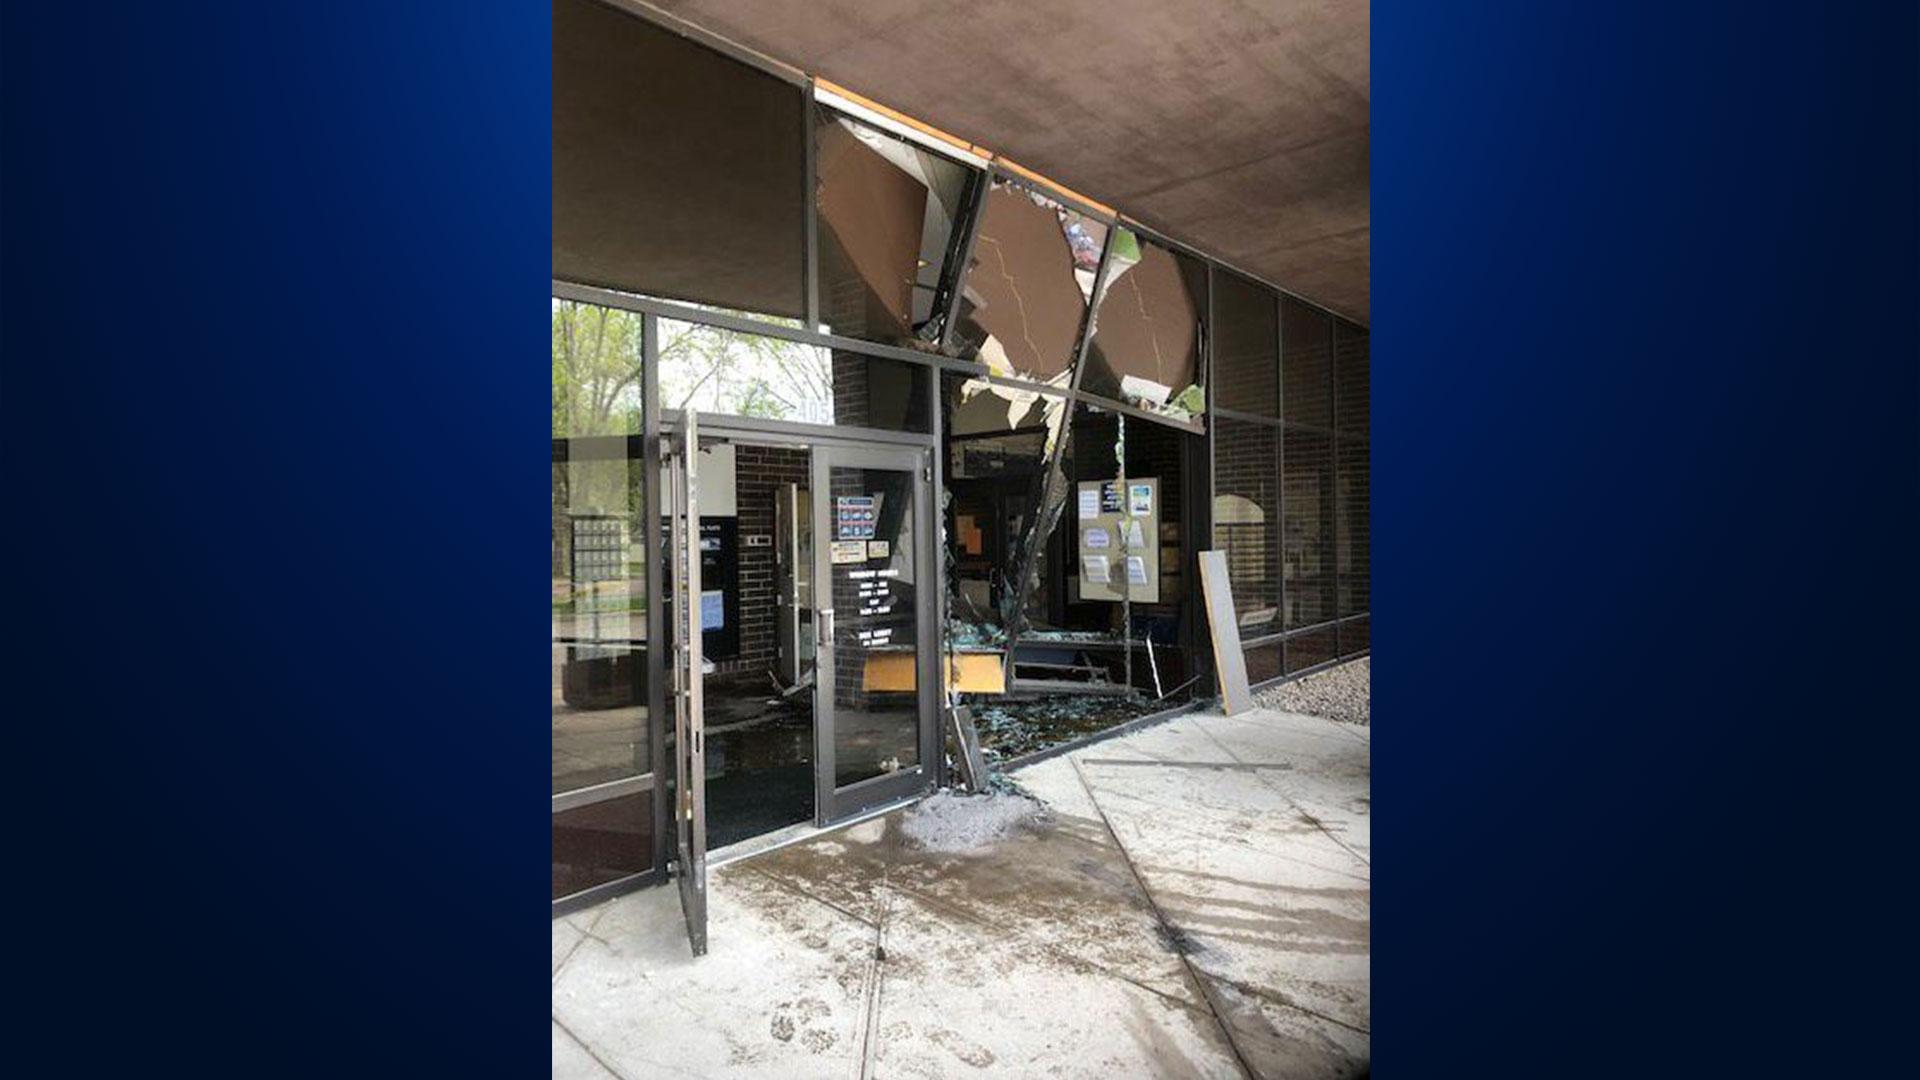 KELO Watertown Post Office Crash